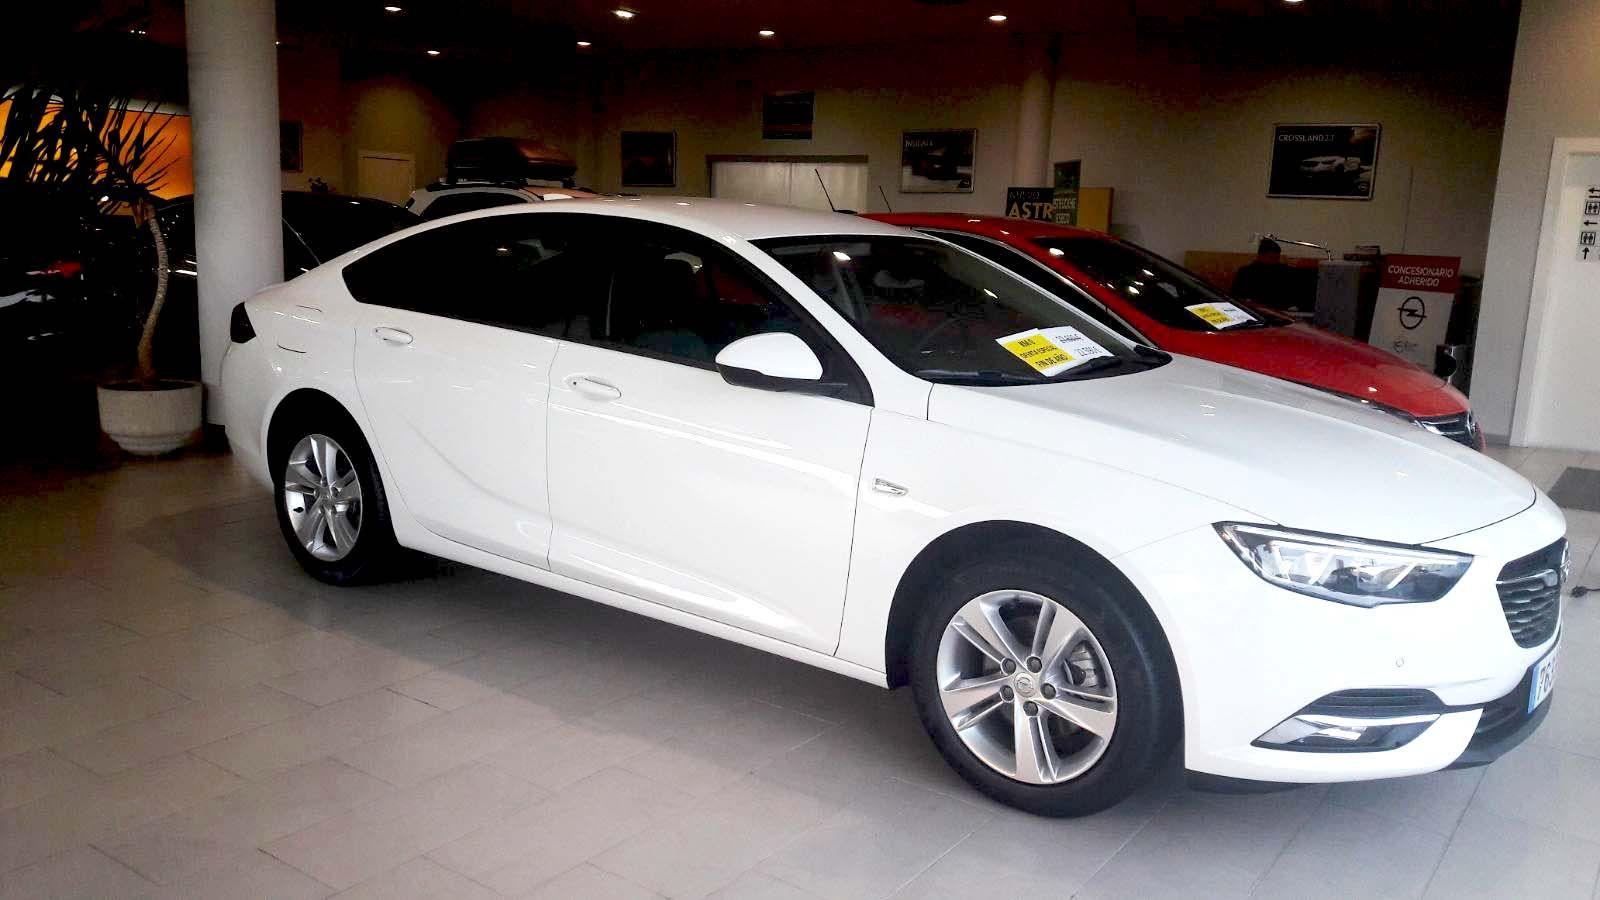 ¡Oferta única! Opel Insignia Selective 1.6 CDTi 136CV Km0 por 22.590€ solo en Autoprin